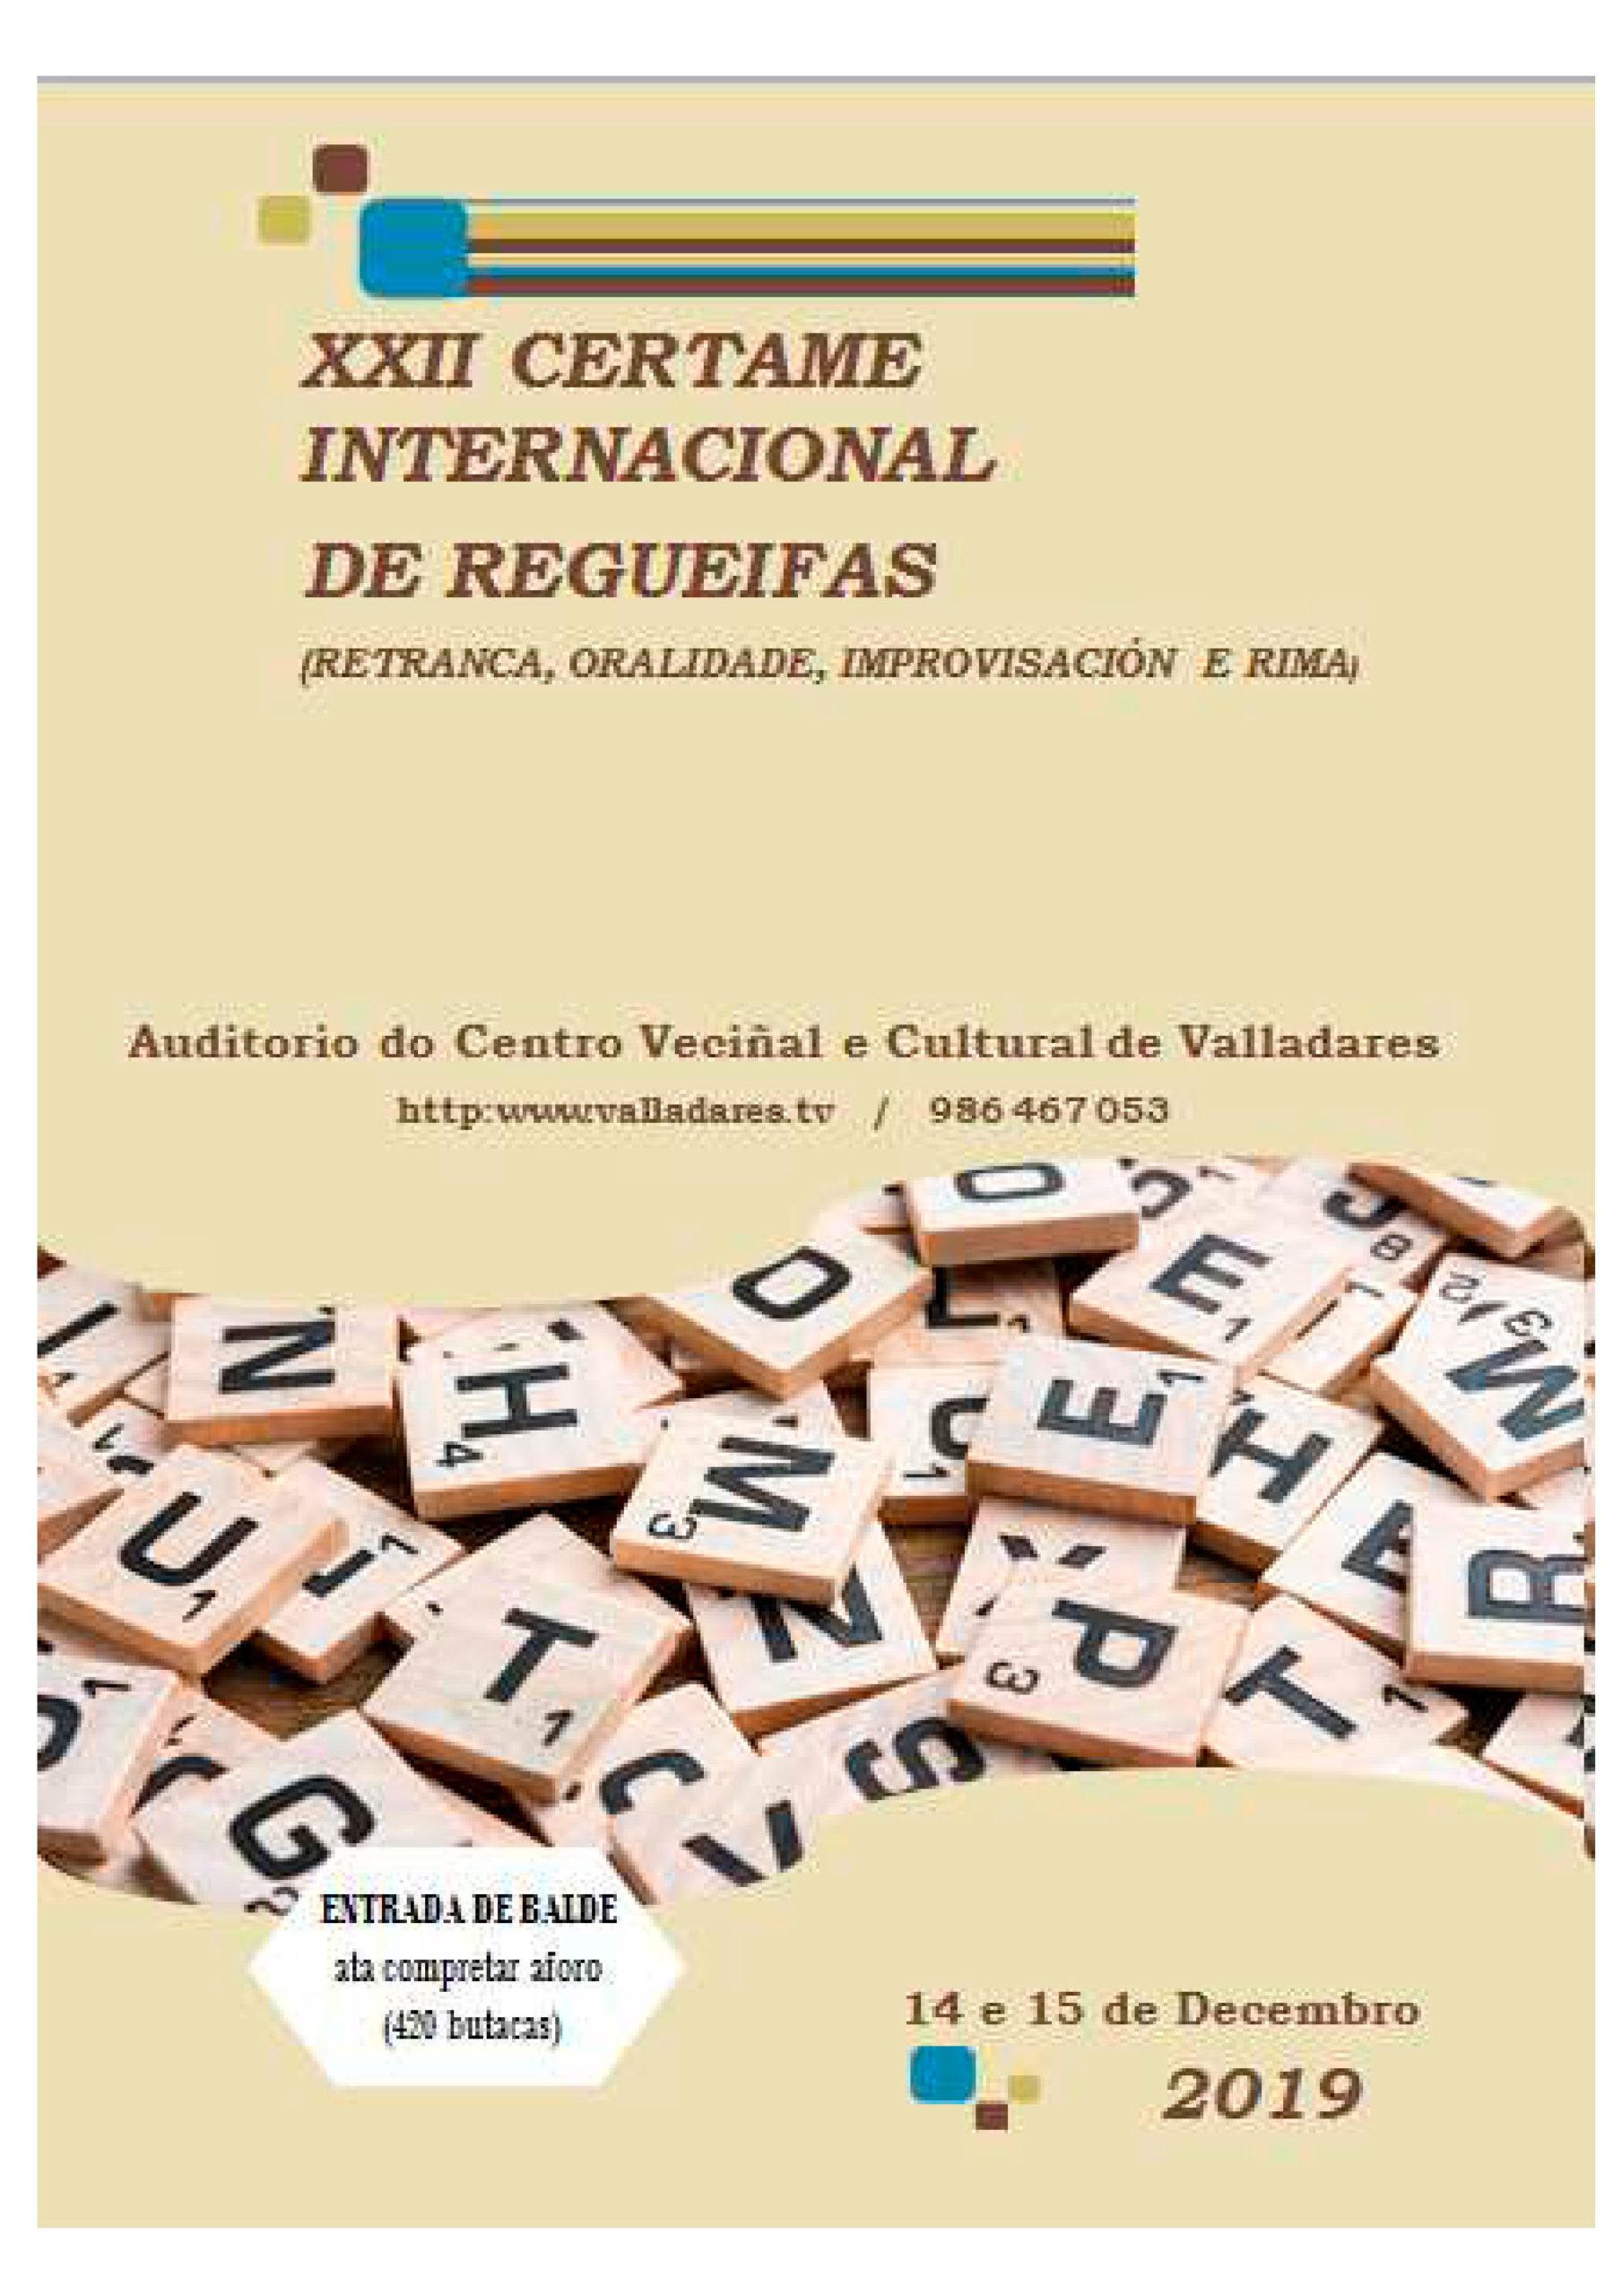 XXII Certame Internacional de Regueifas en Vigo